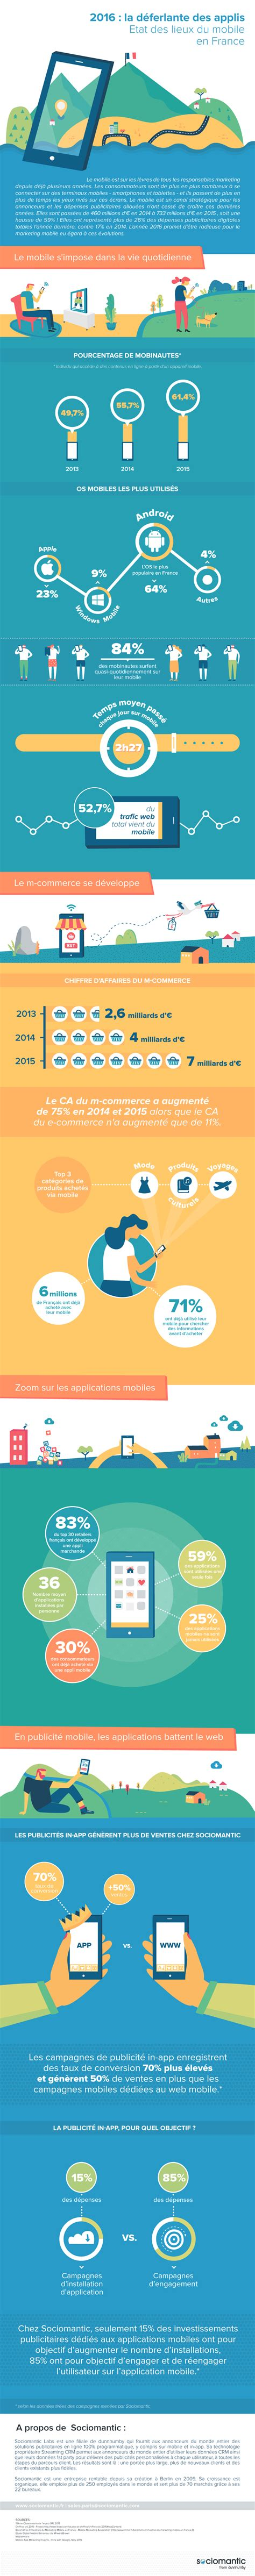 Infographie : le marché mobile français - Image - CB News